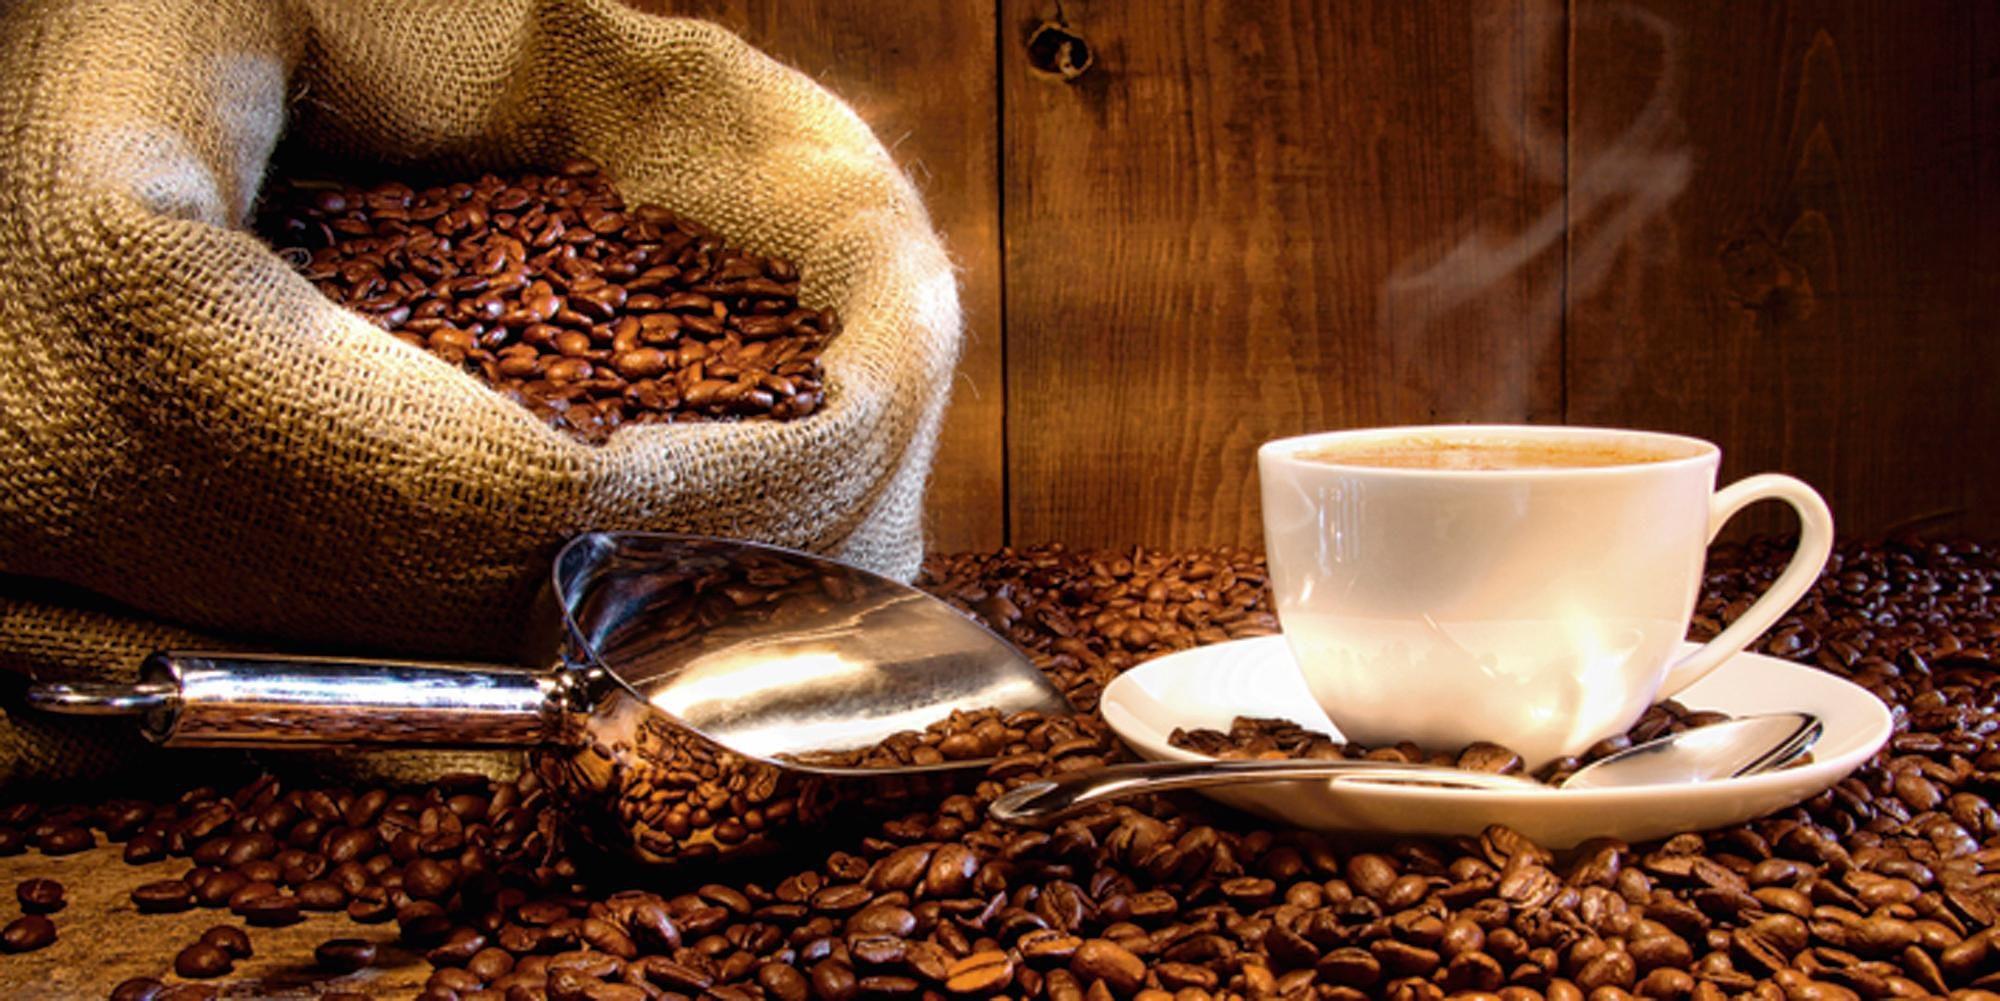 Home affaire Glasbild »S. Cunningham: Kaffeetasse und Leinensack mit Kaffeebohnen«, 60/30 cm